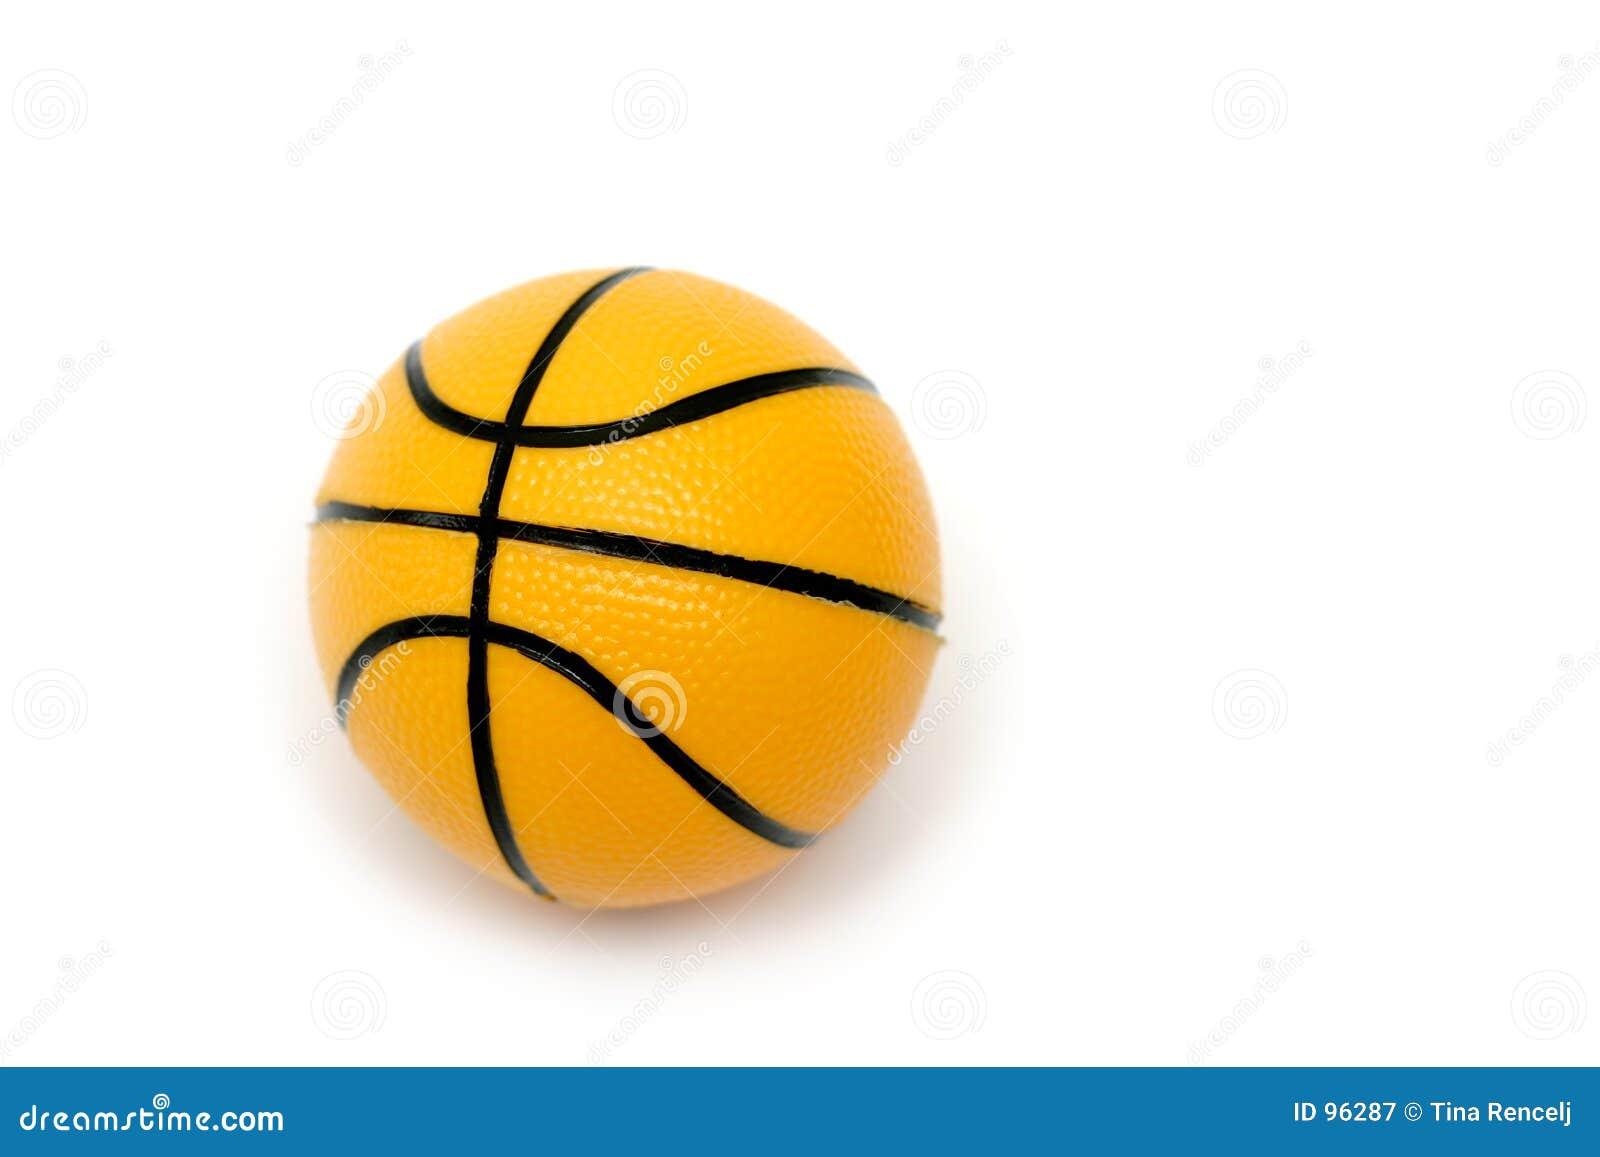 petit jouet de basket ball image stock image du panier 96287. Black Bedroom Furniture Sets. Home Design Ideas